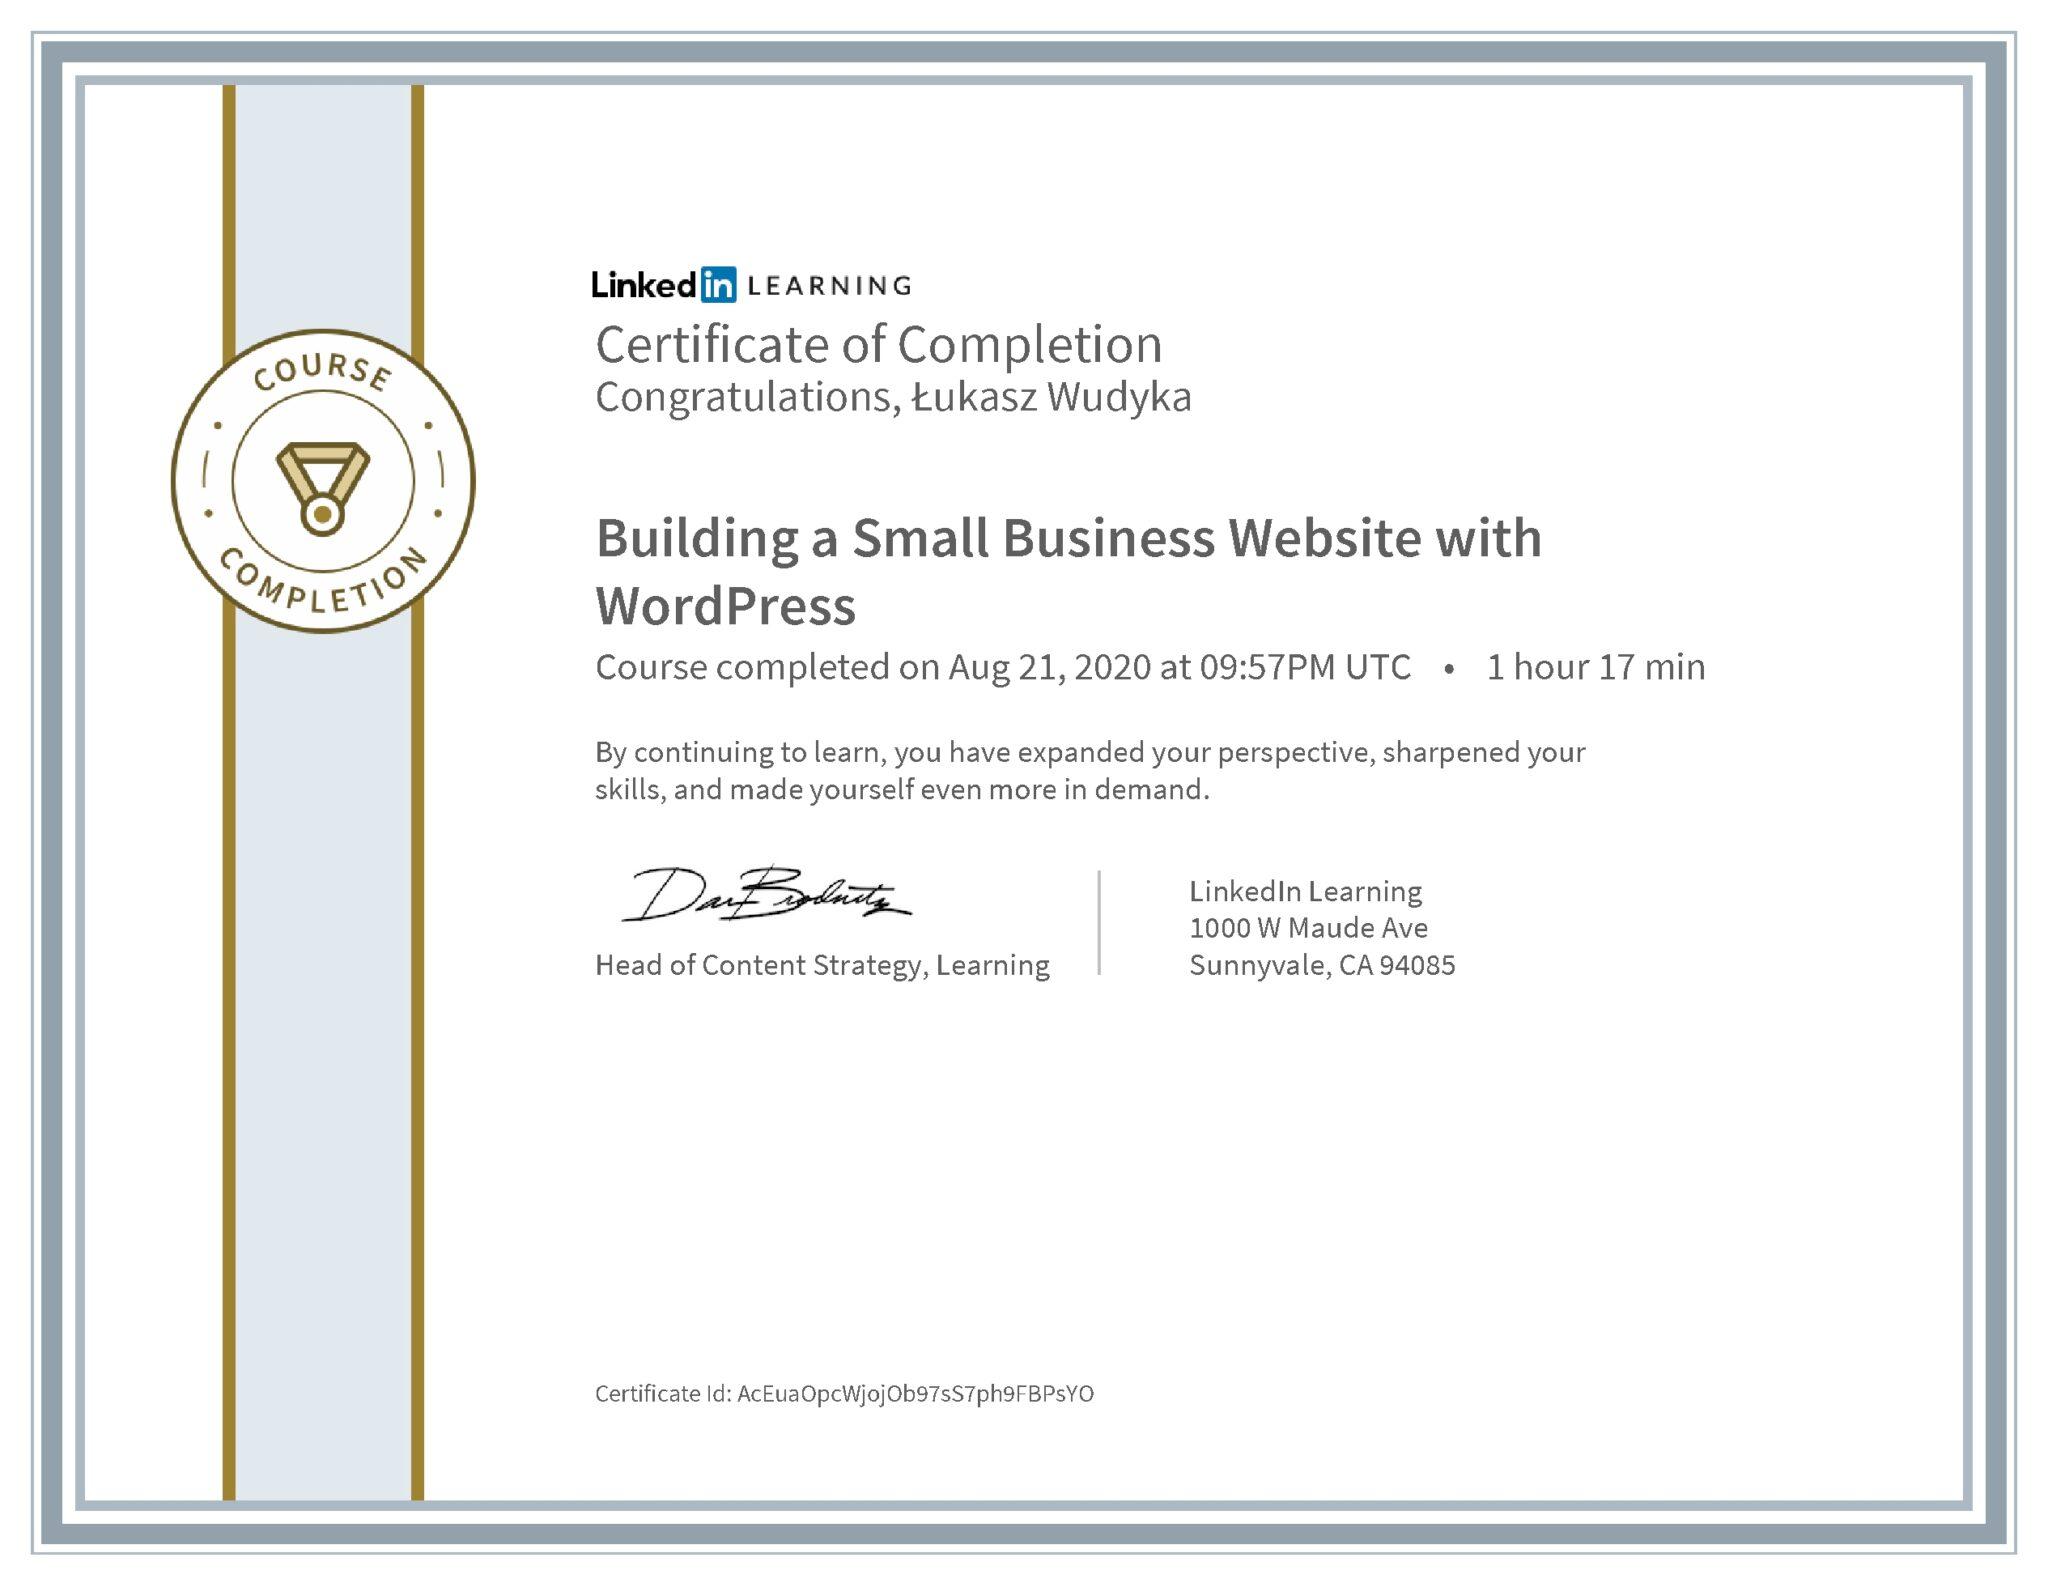 Łukasz Wudyka certyfikat LinkedIn Building a Small Business Website with WordPress